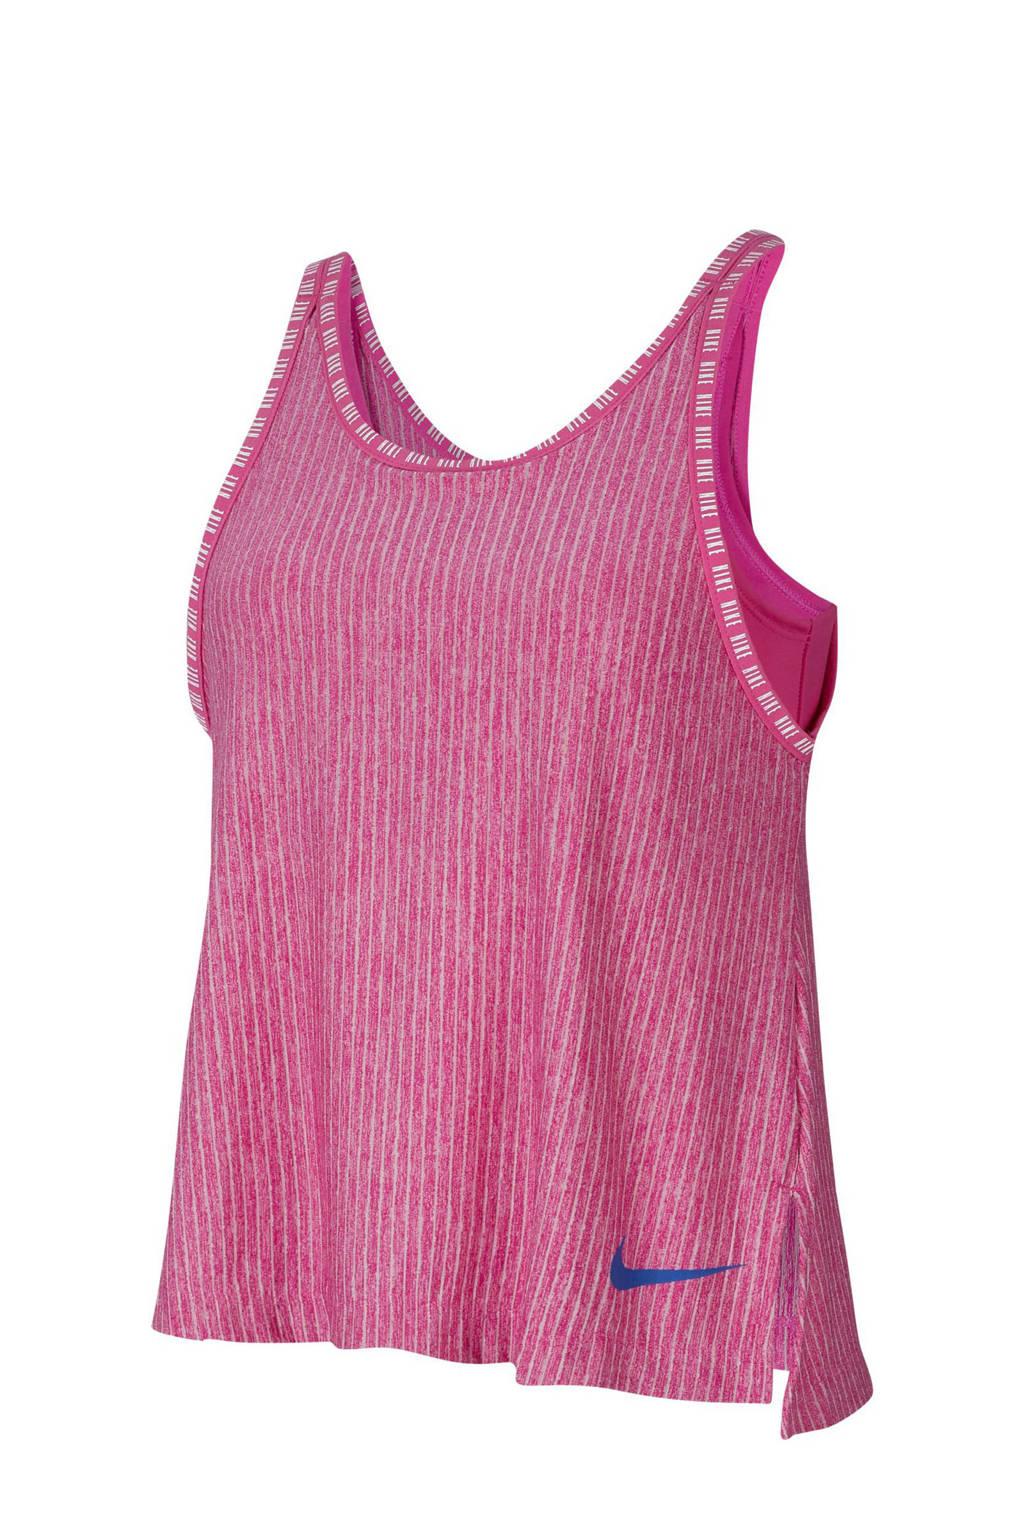 Nike top roze, Roze